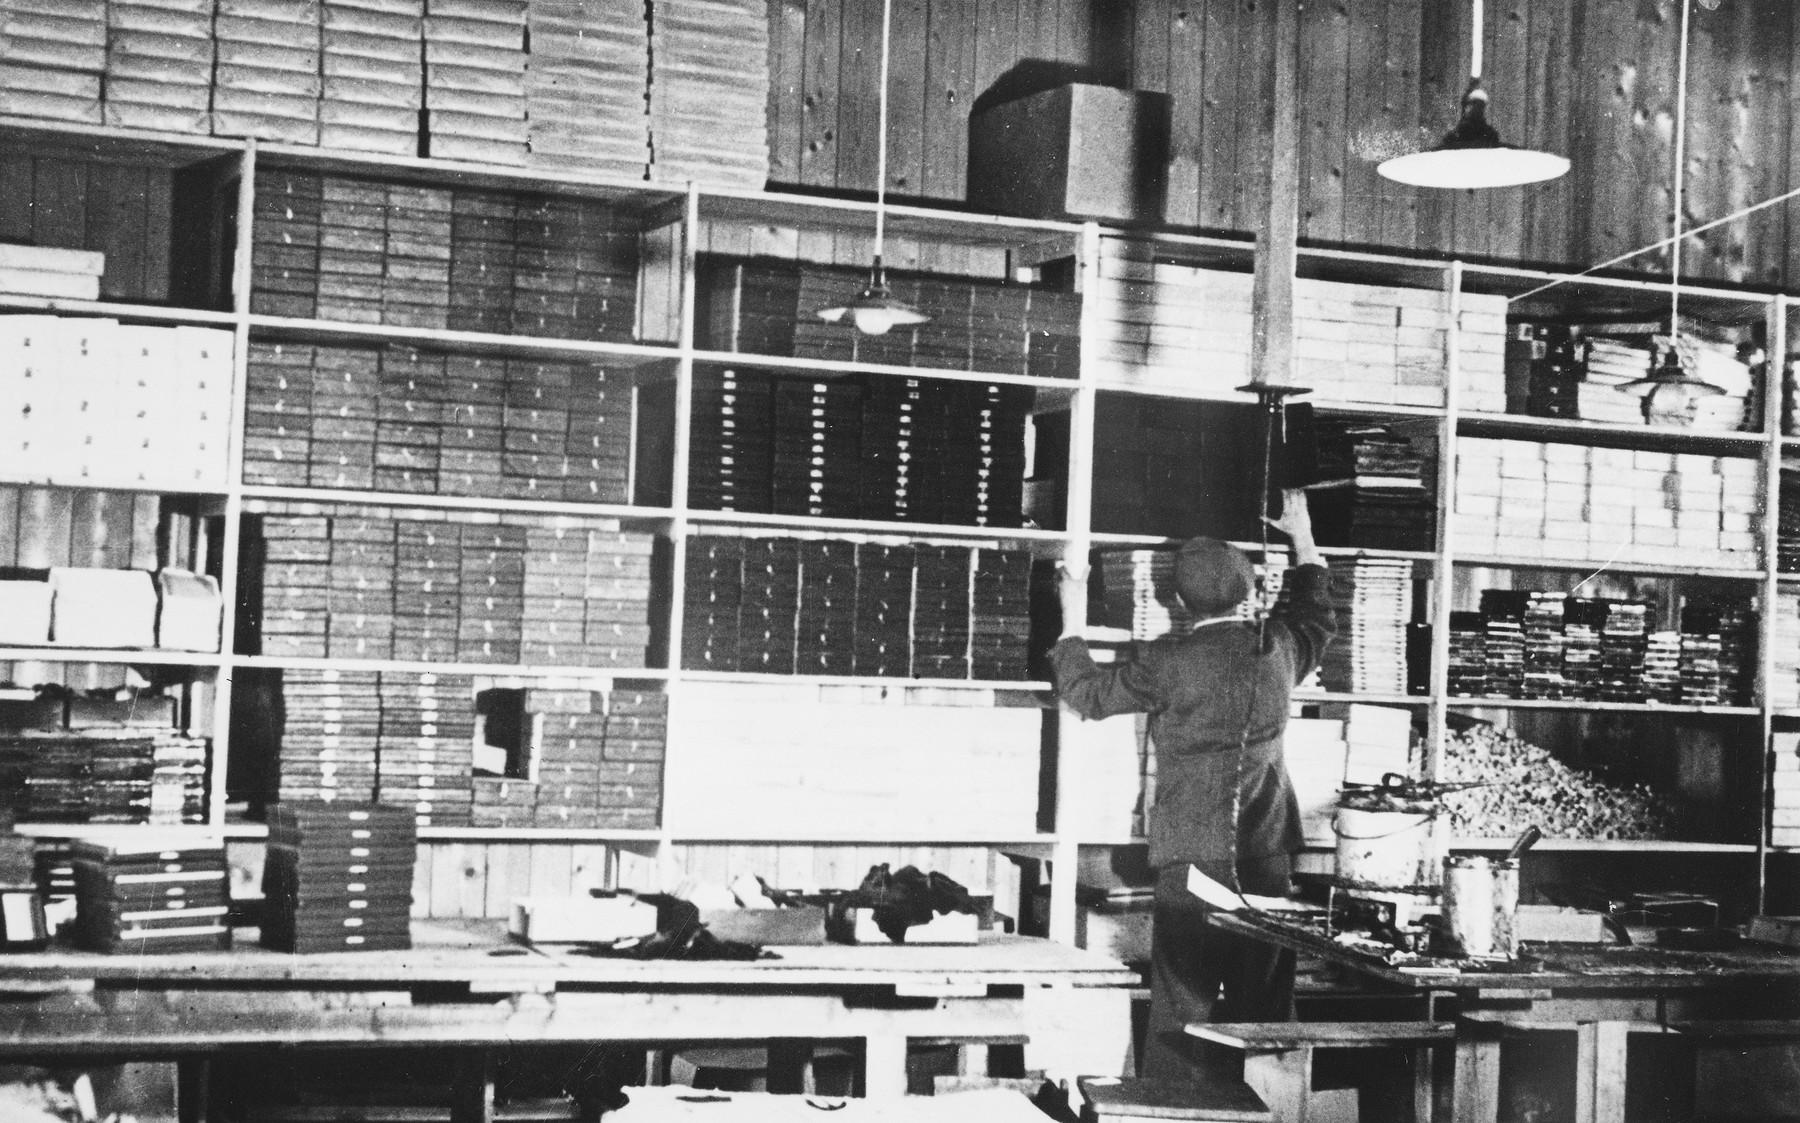 A prisoner shelves boxes at a Slovak labor camp.